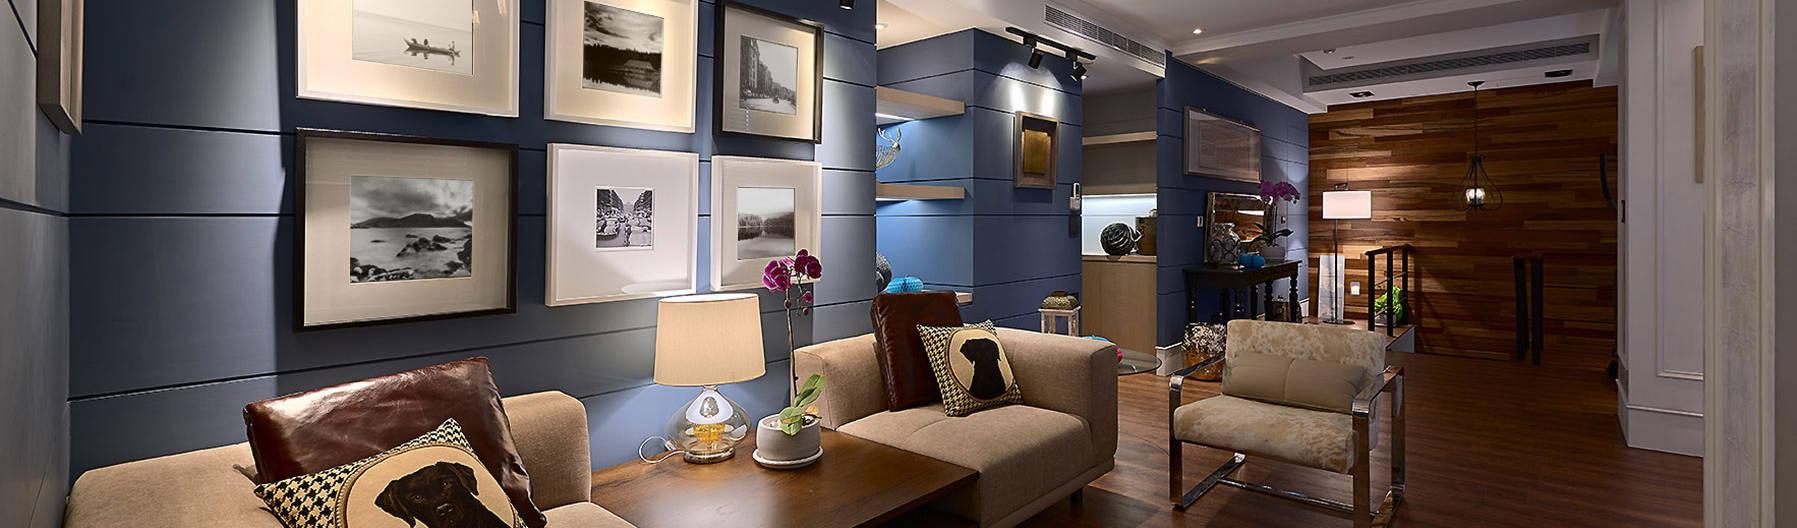 AIRS 艾兒斯國際室內裝修有限公司